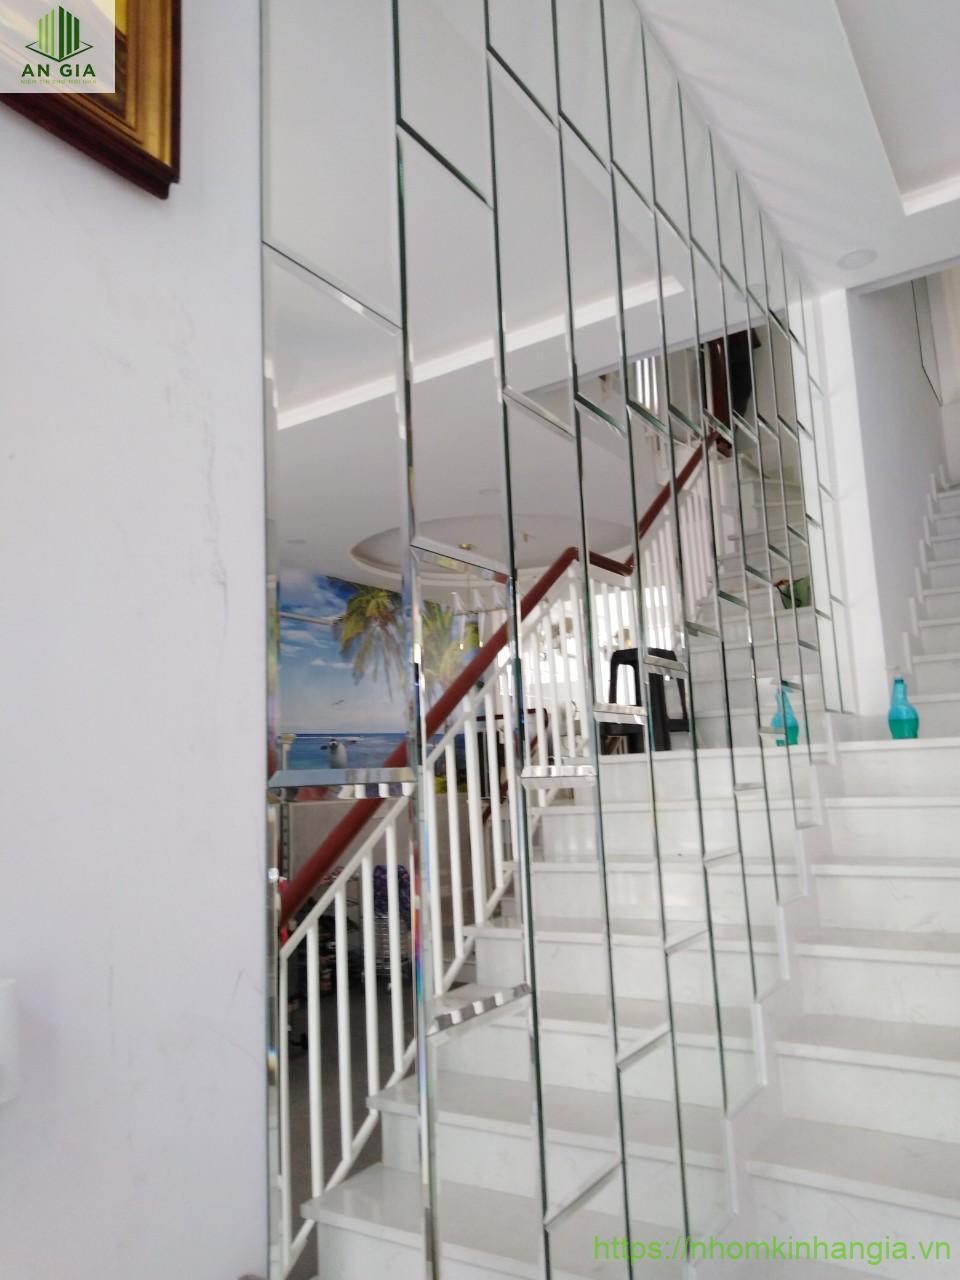 Mẫu 3: Gương được đặt ở cầu thang với các mảnh gương dạng hình chữ nhật được thiết kế một cách hoàn hảo